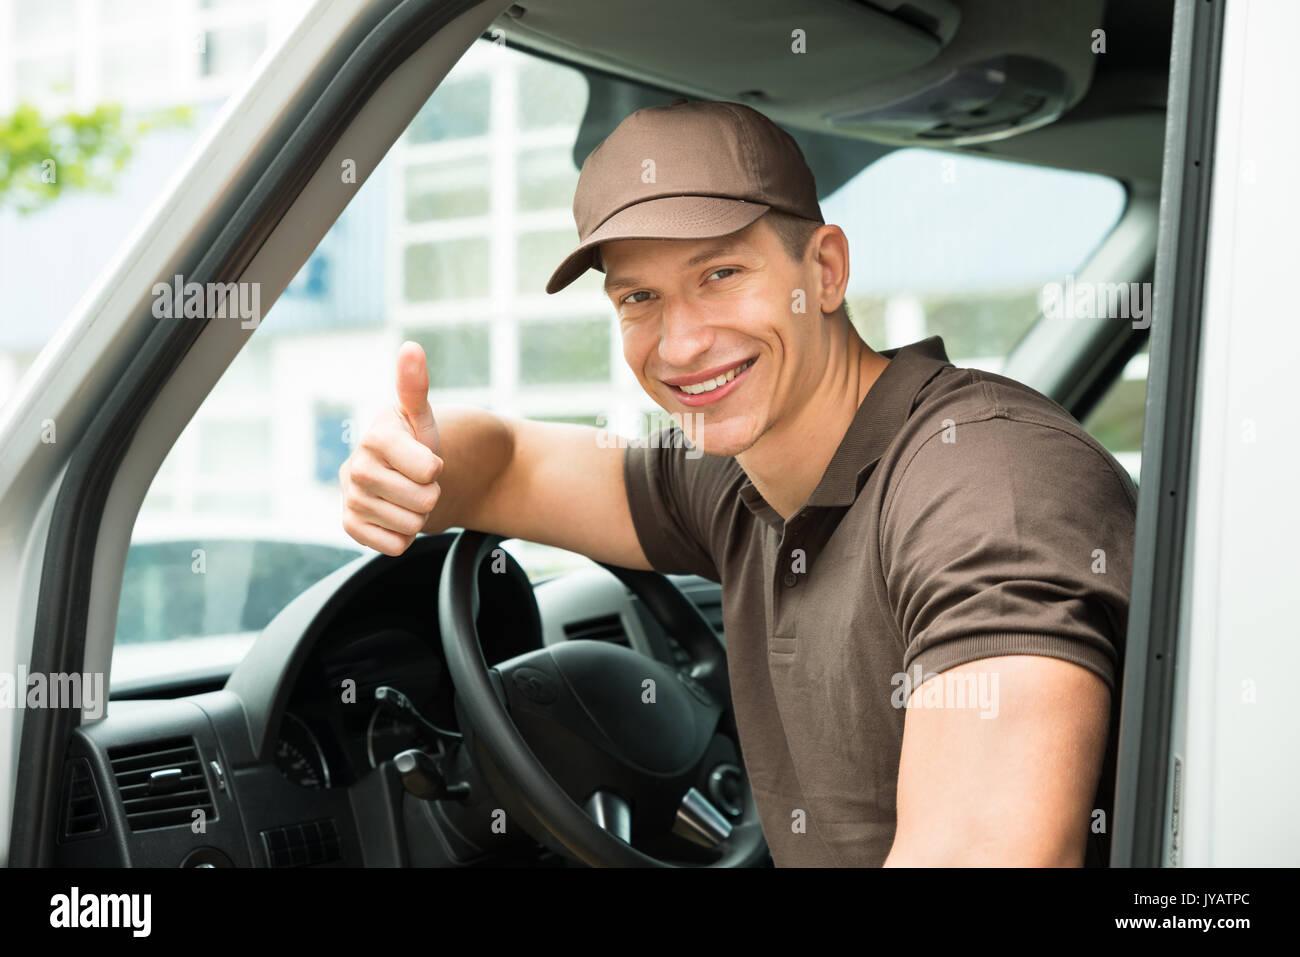 Los jóvenes felices Deliverymen mostrando Pulgar arriba firmar en Van Imagen De Stock